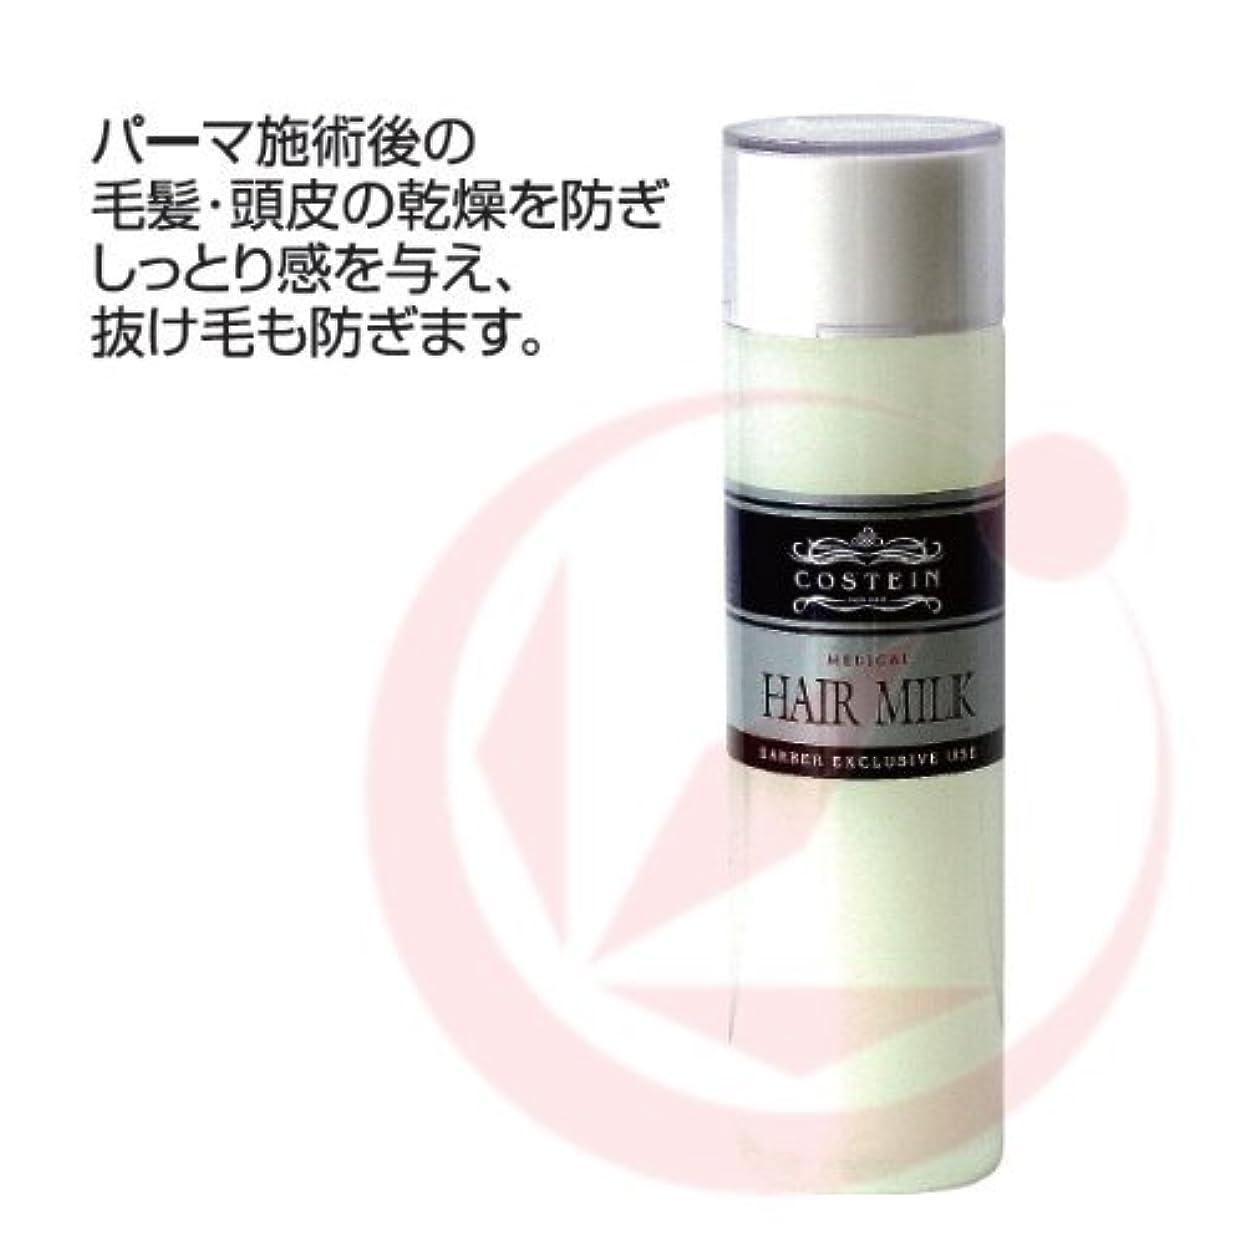 ウェイターアクチュエータ焼くコスティン 薬用 ヘアミルクN 150ml